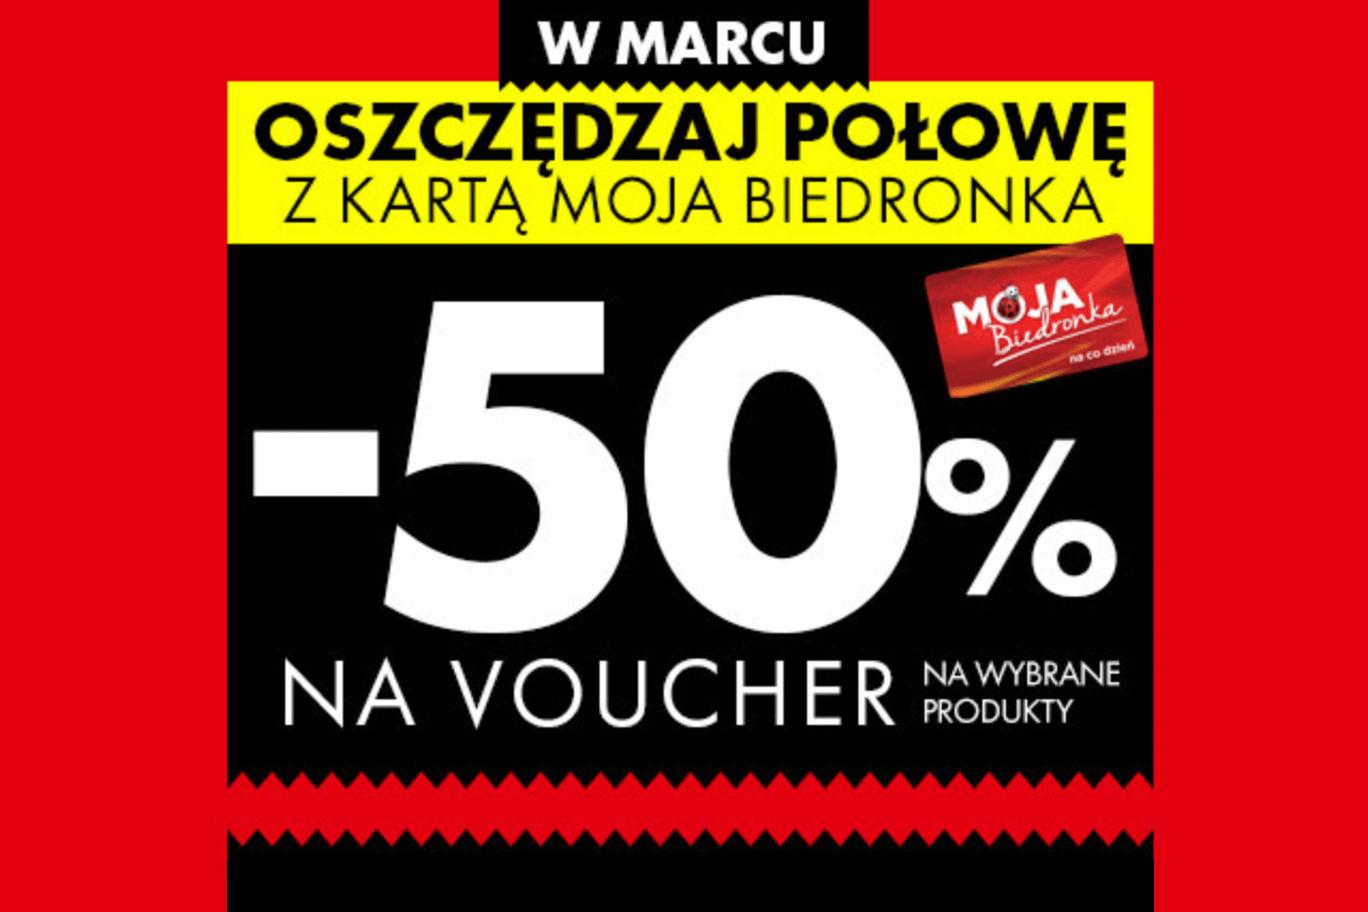 Miesiąc oszczędzania w Biedronce. Vouchery już czekają!